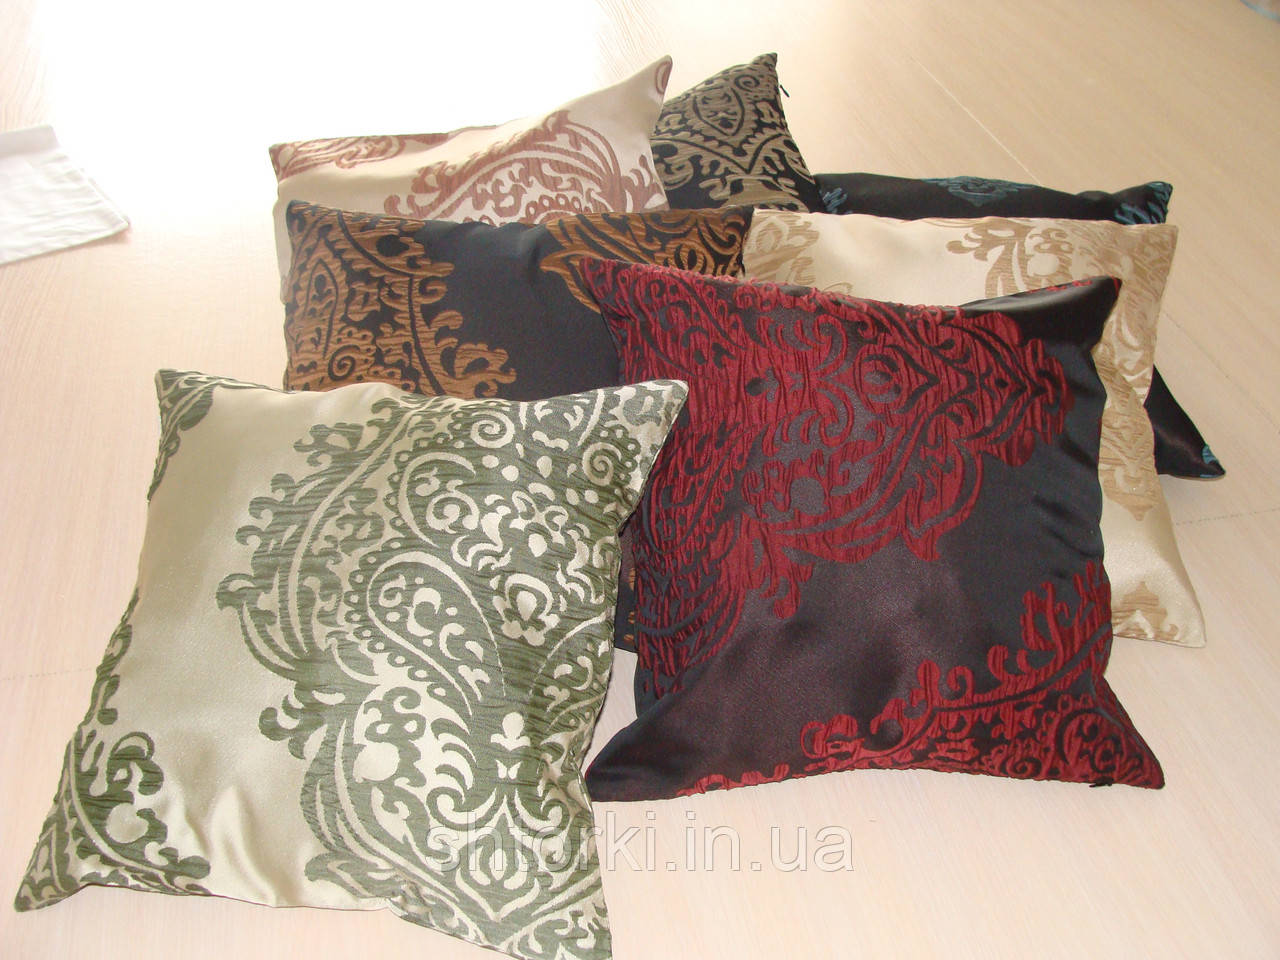 Комплект подушек цветные узоры,  7шт 40х40